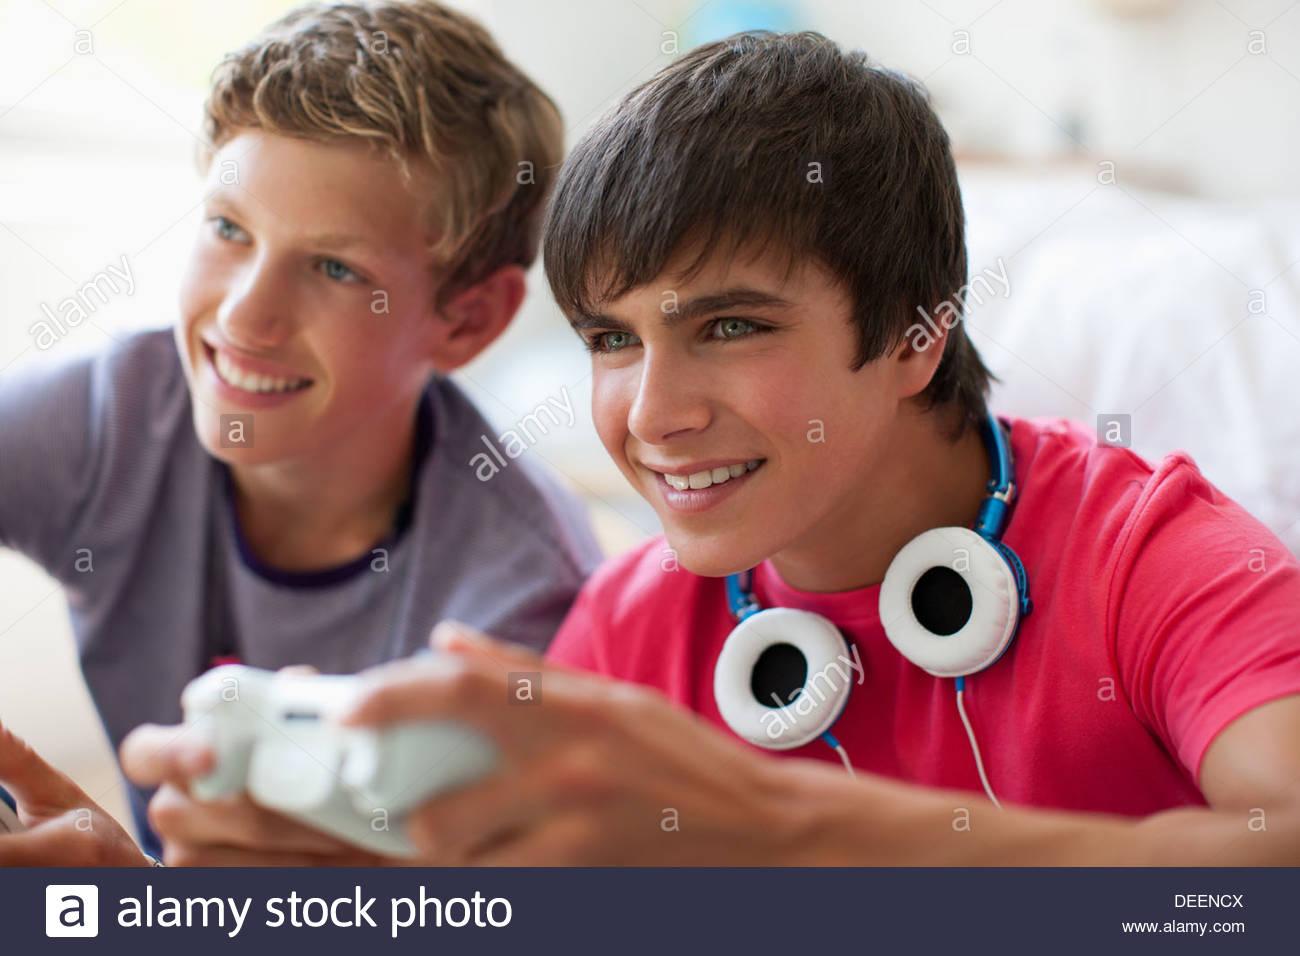 Lächelnden jungen im Teenageralter Videospiel Stockbild